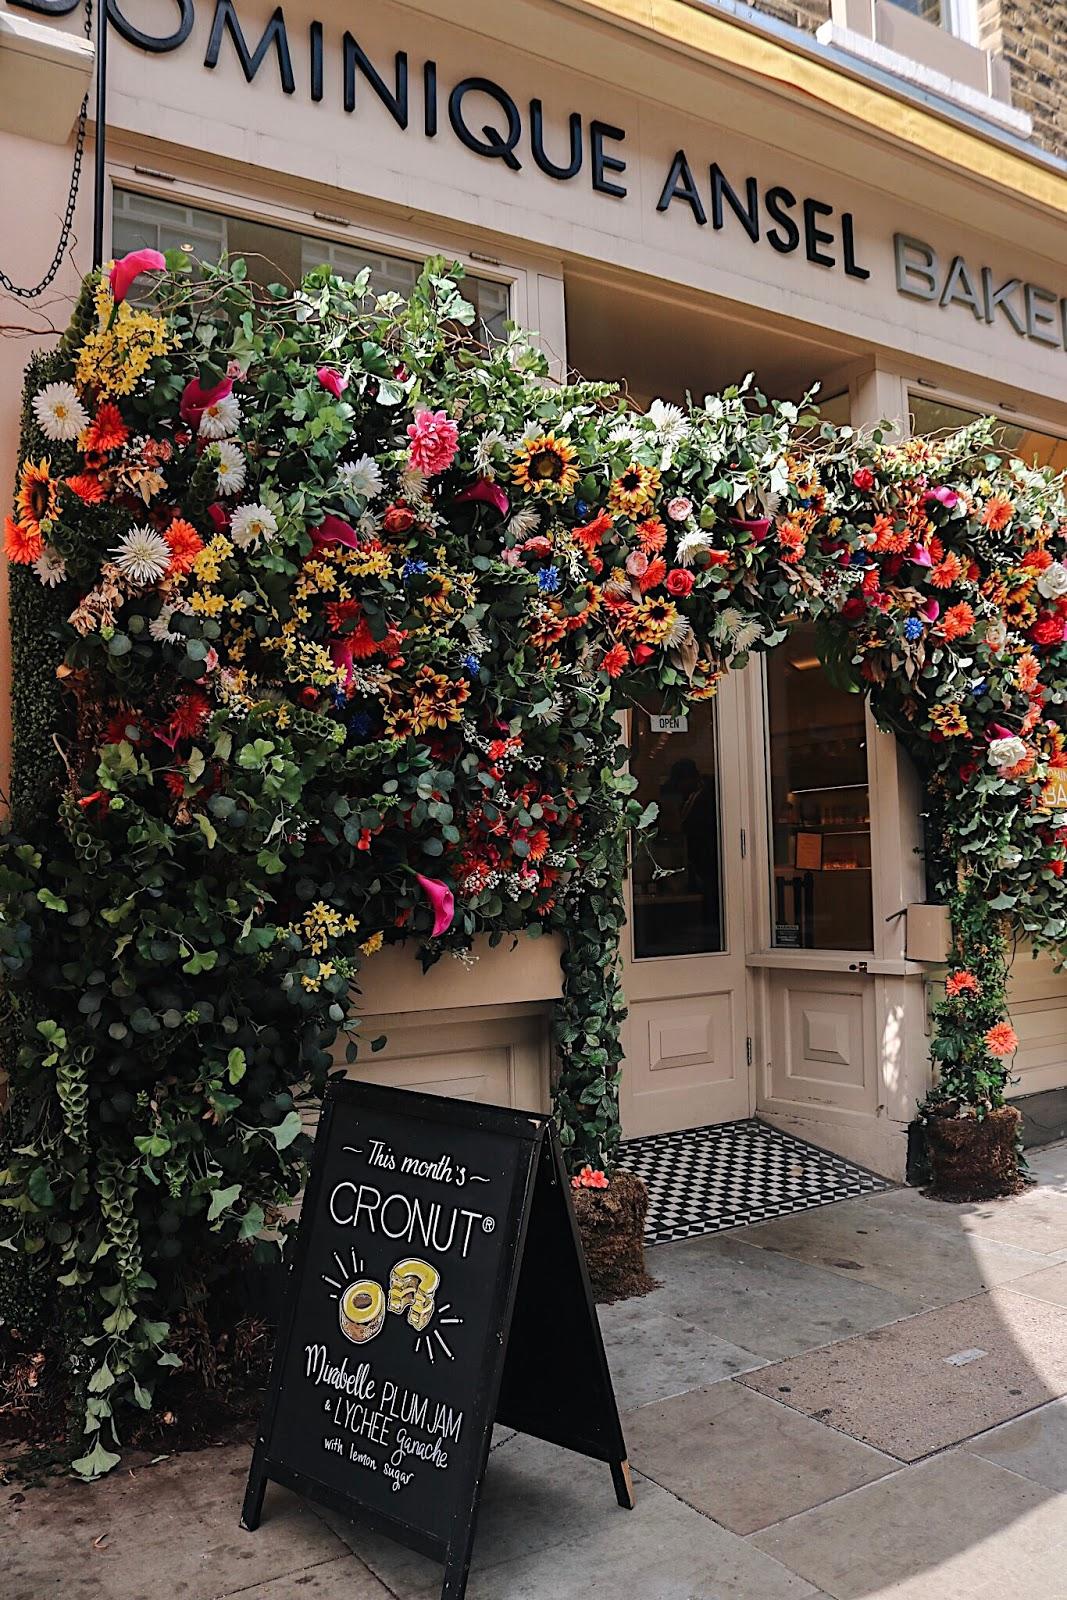 pauline-dress-blog-mode-deco-lifestyle-travel-voyage-europe-londres-angleterre-idees-visites-parcours-touristique-instagram-instagrammable-lieux-facade-fleurs-boutiques-